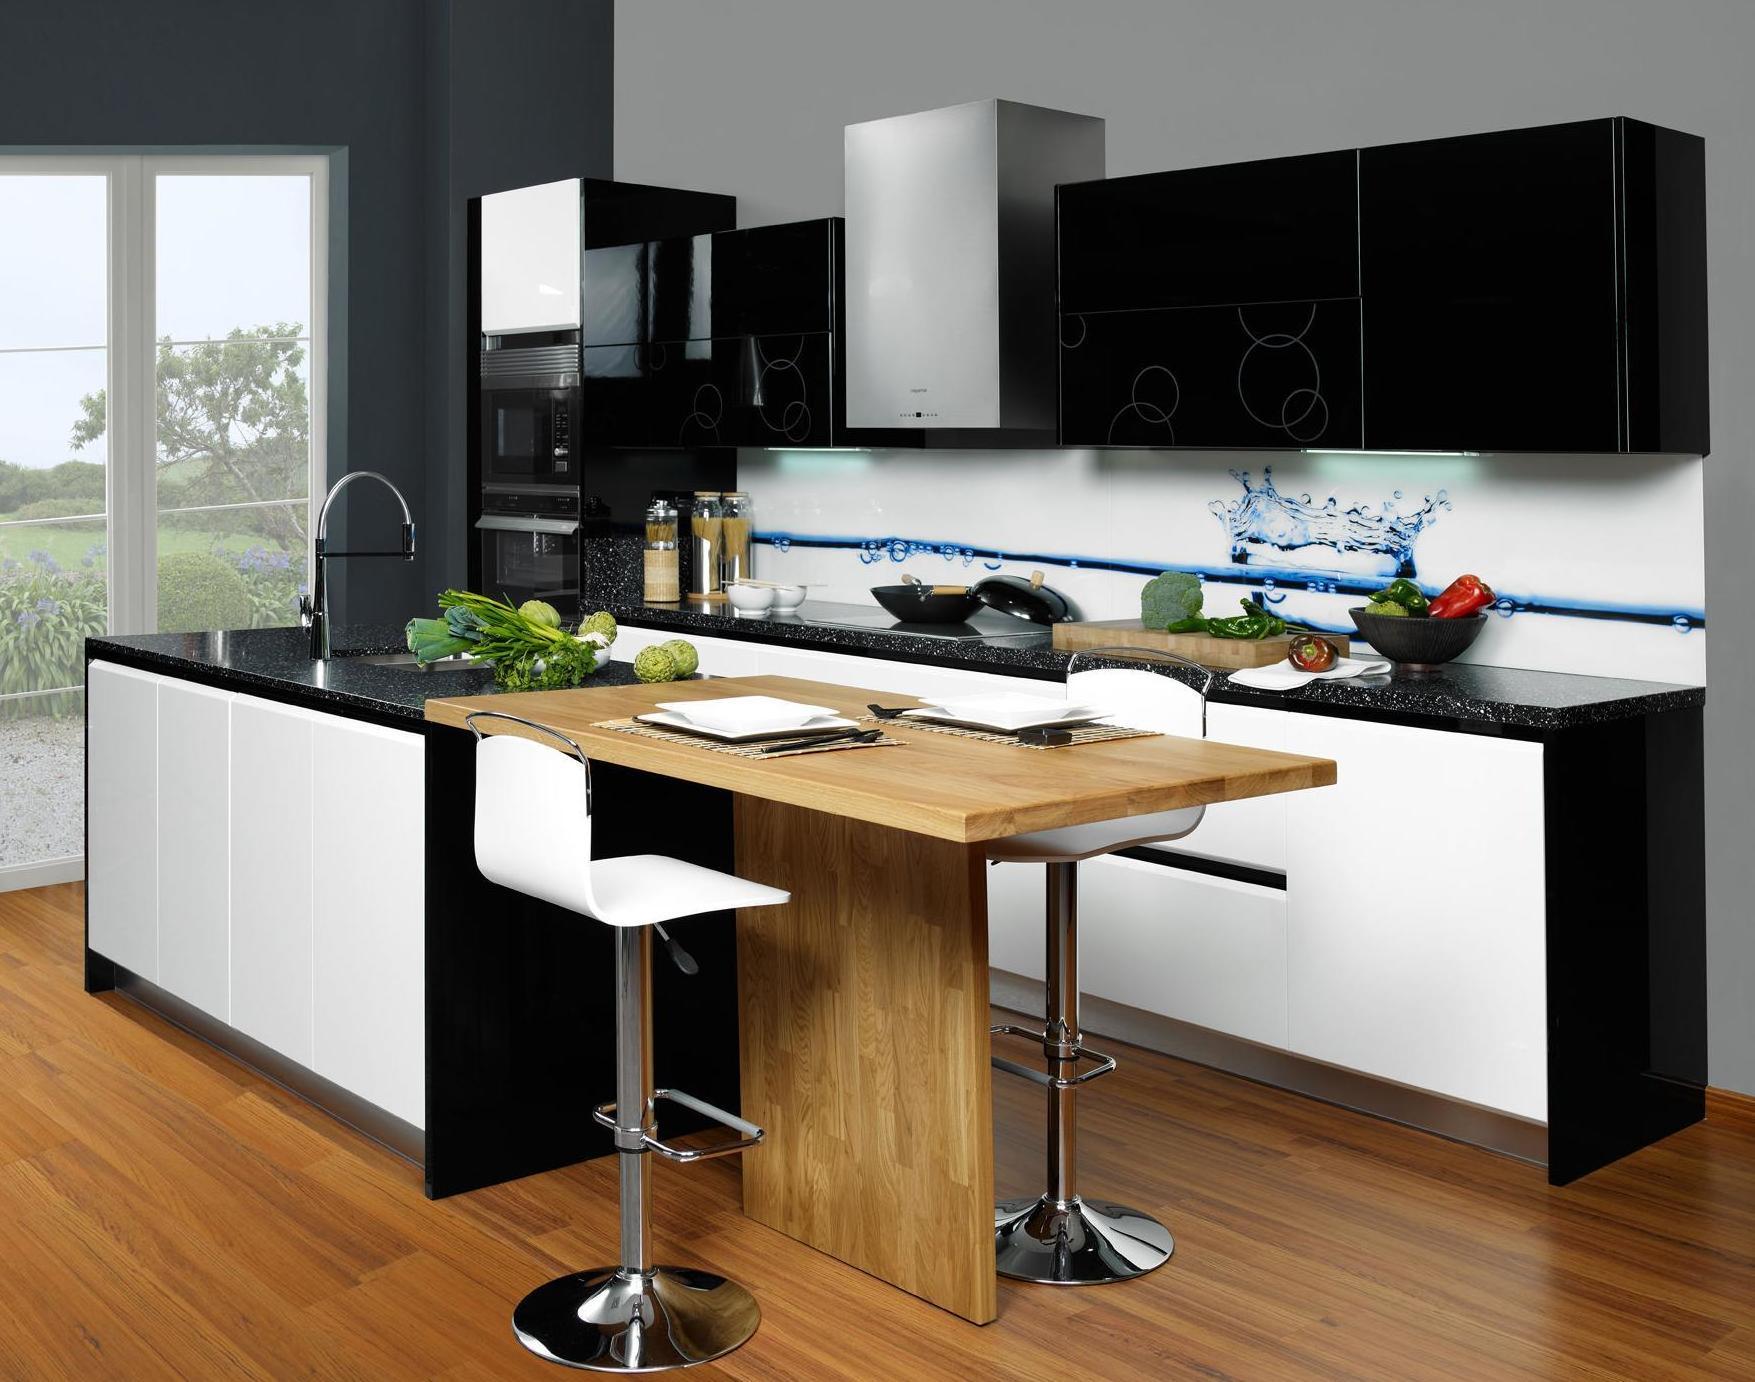 Muebles de cocina modelo Coral lacado brillo con gola